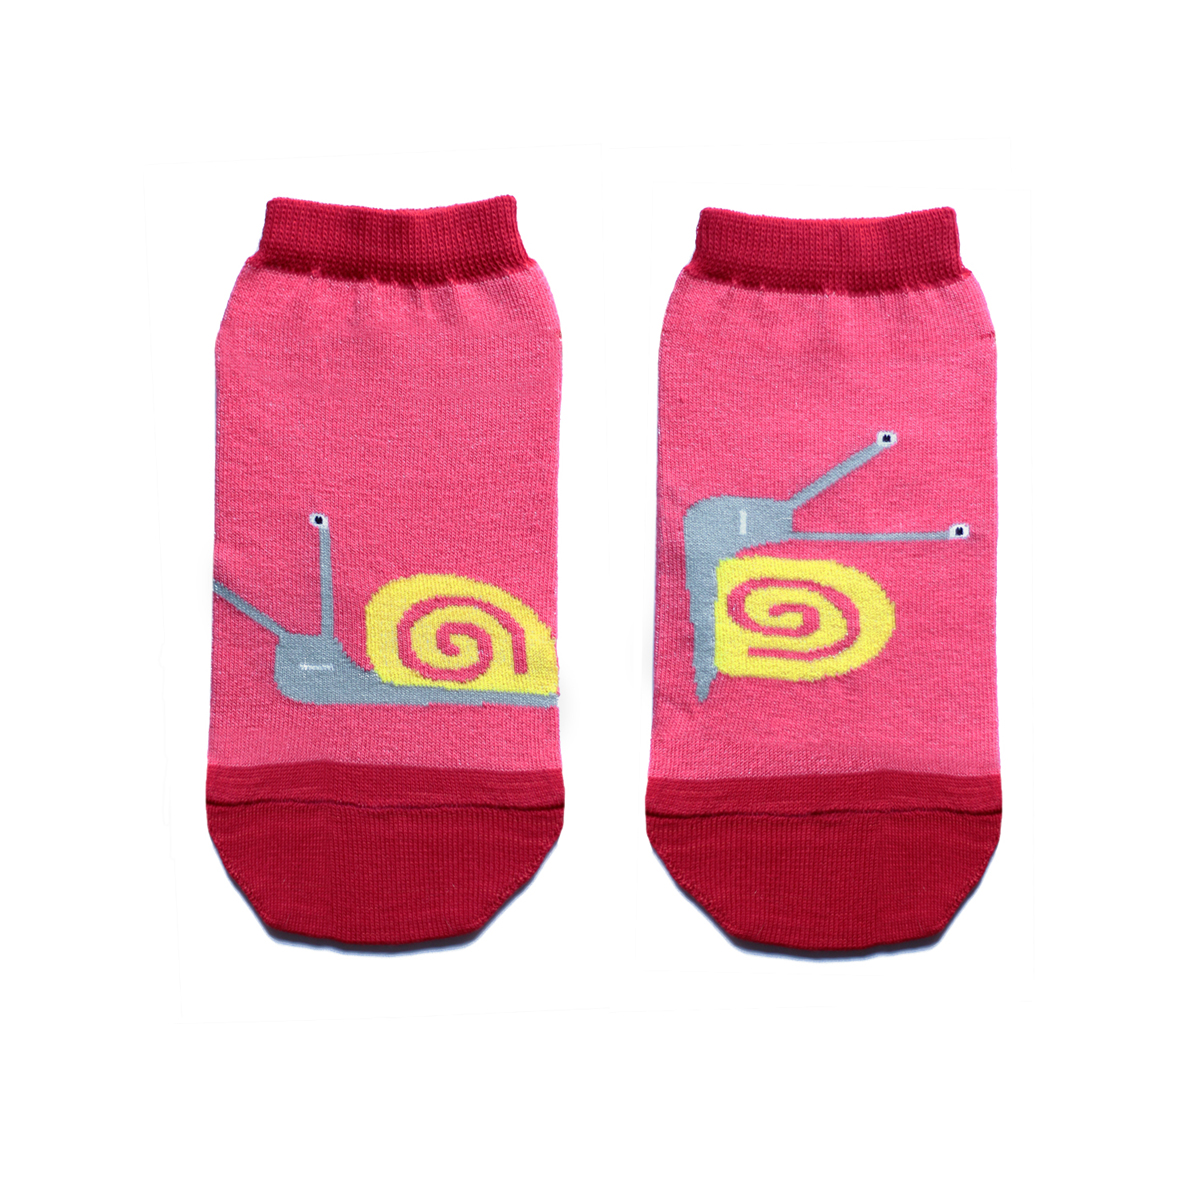 Носки мужские Big Bang Socks, цвет: розовый, красный, желтый. ca1632. Размер 40/44ca1632Укороченные мужские носки Big Bang Socks изготовлены из высококачественного хлопка с добавлением полиамидных и эластановых волокон, которые обеспечивают великолепную посадку. Носки отличаются ярким стильным дизайном, они оформлены изображением улиток. Удобная резинка идеально облегает ногу и не пережимает сосуды, а усиленные пятка и мысок повышают износоустойчивость носка. Дизайнерские носки Big Bang Socks - яркая деталь в вашем образе и оригинальный подарок для друзей и близких.